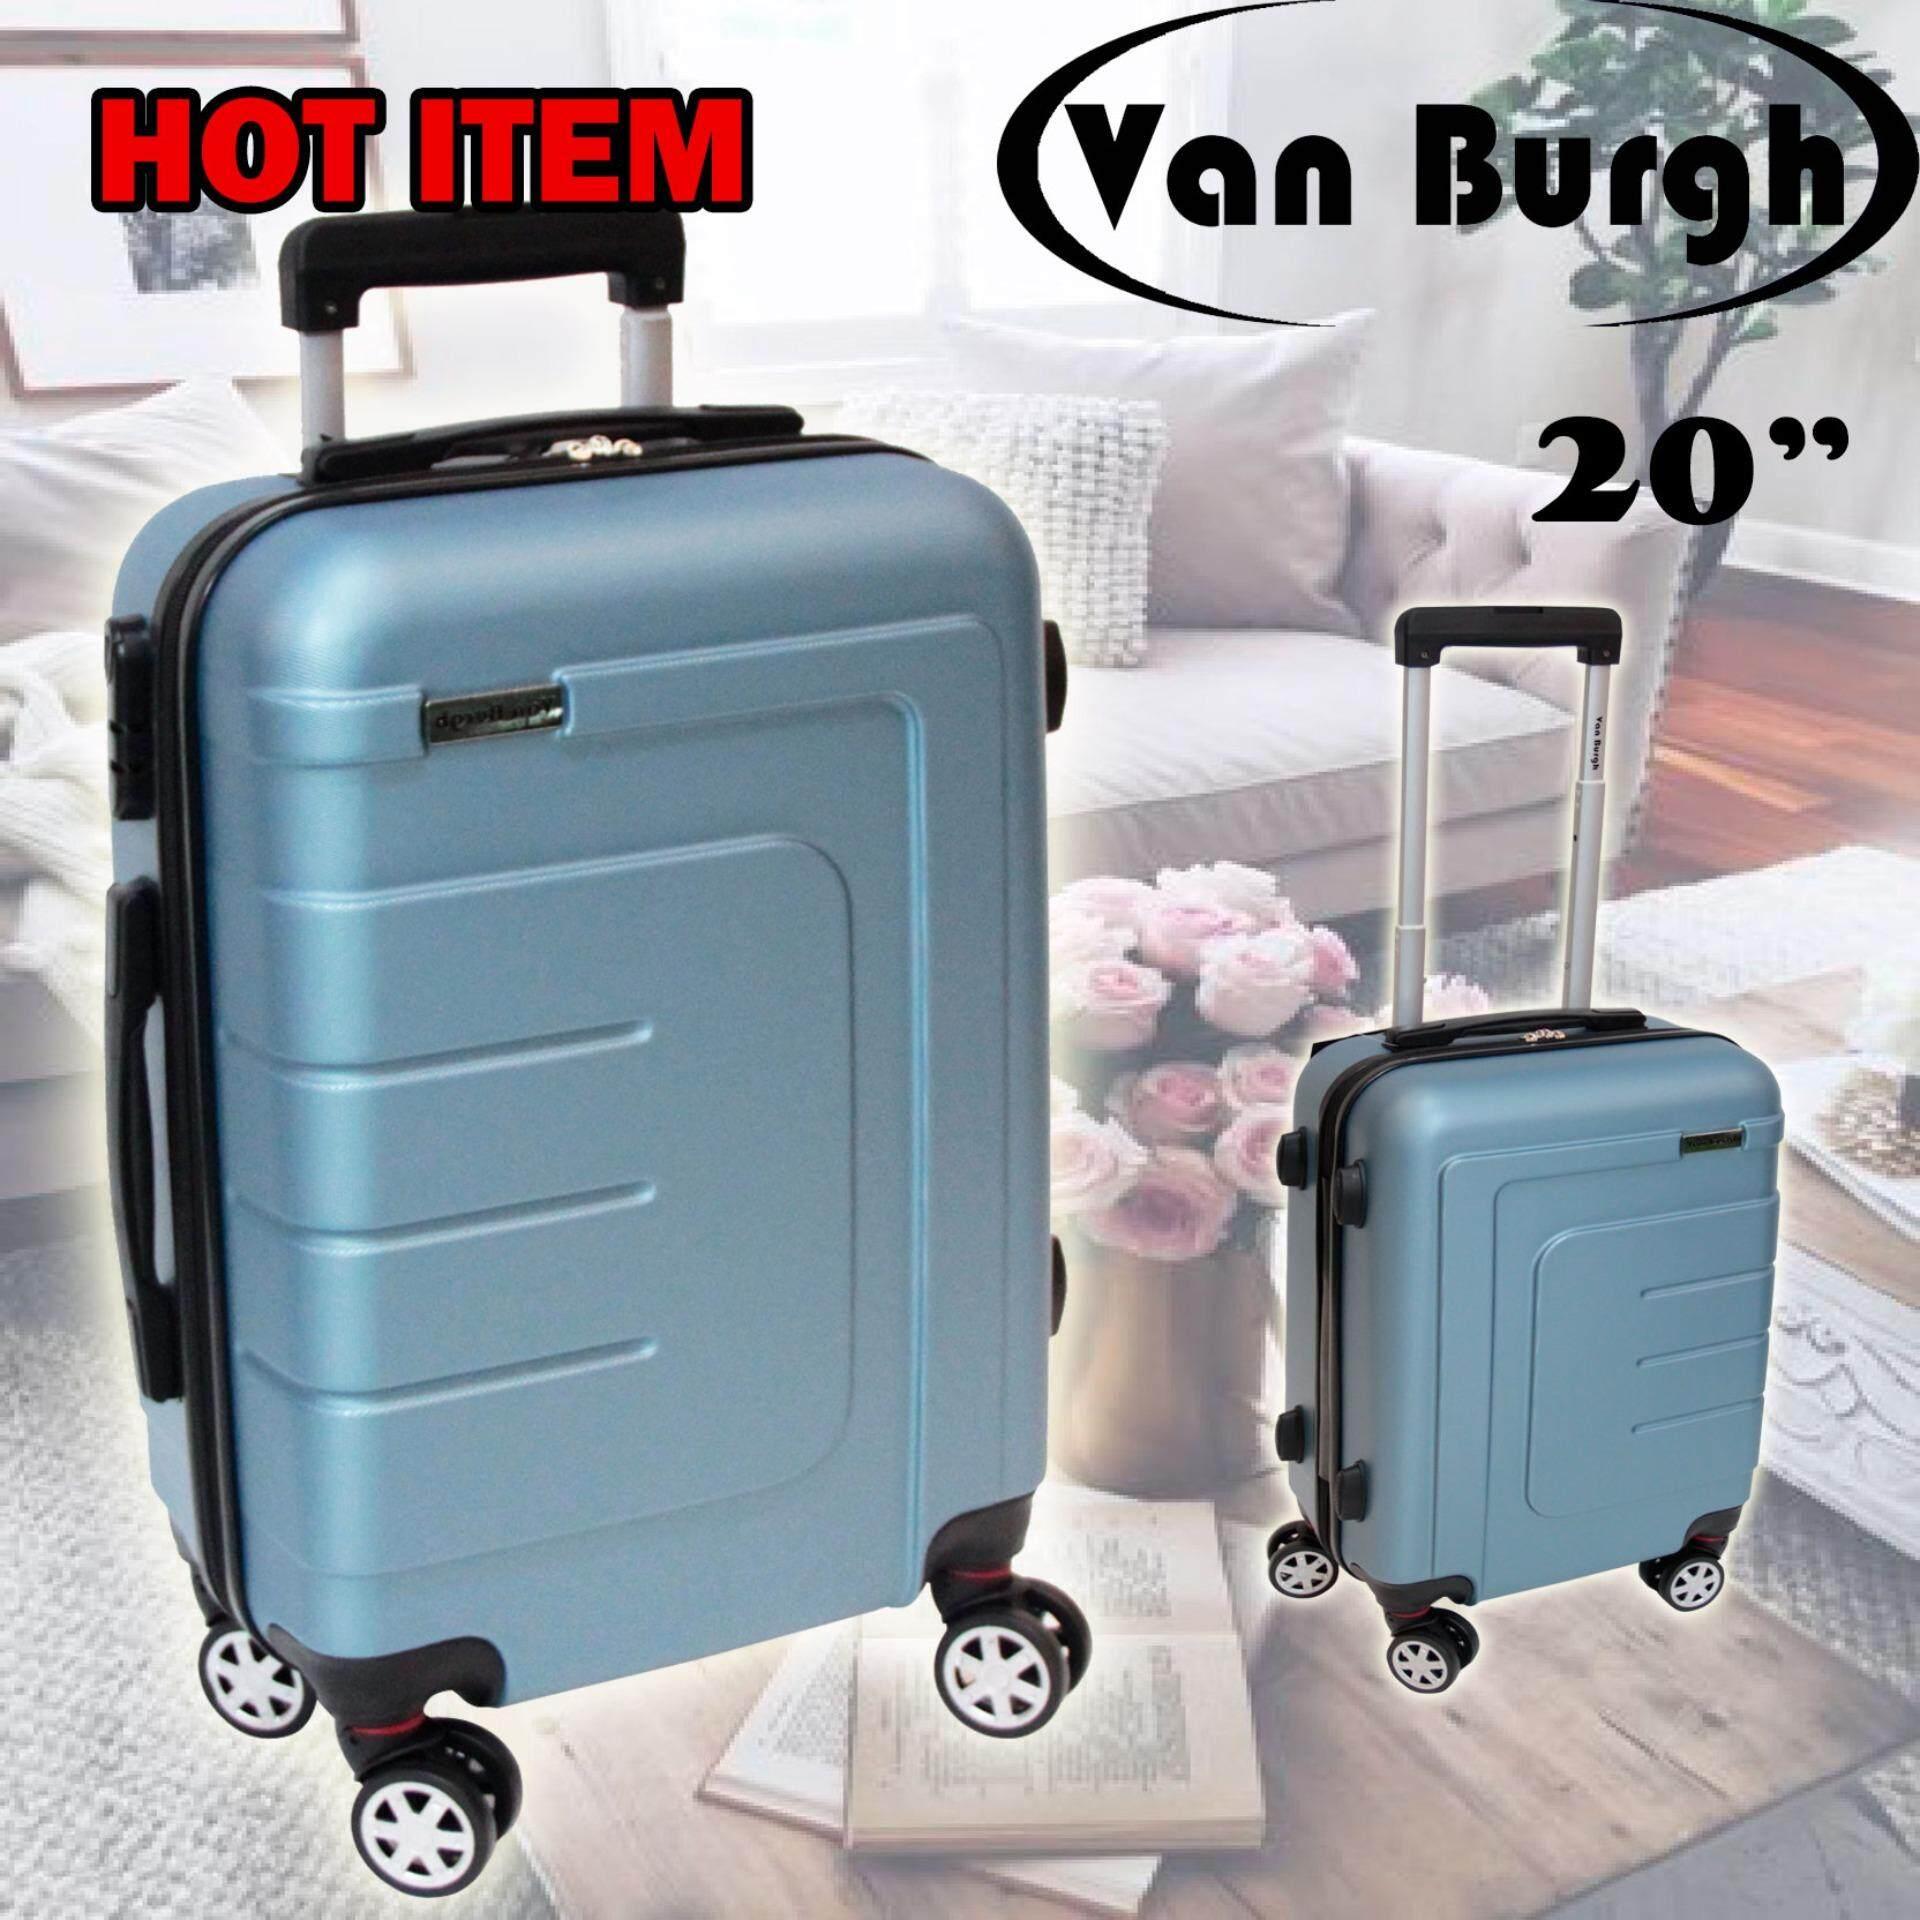 ทบทวน ที่สุด Van Burgh กระเป๋าเดินทาง 20 นิ้ว ล้อลาก 4 ล้อ รุ่น 19703 สีเทา